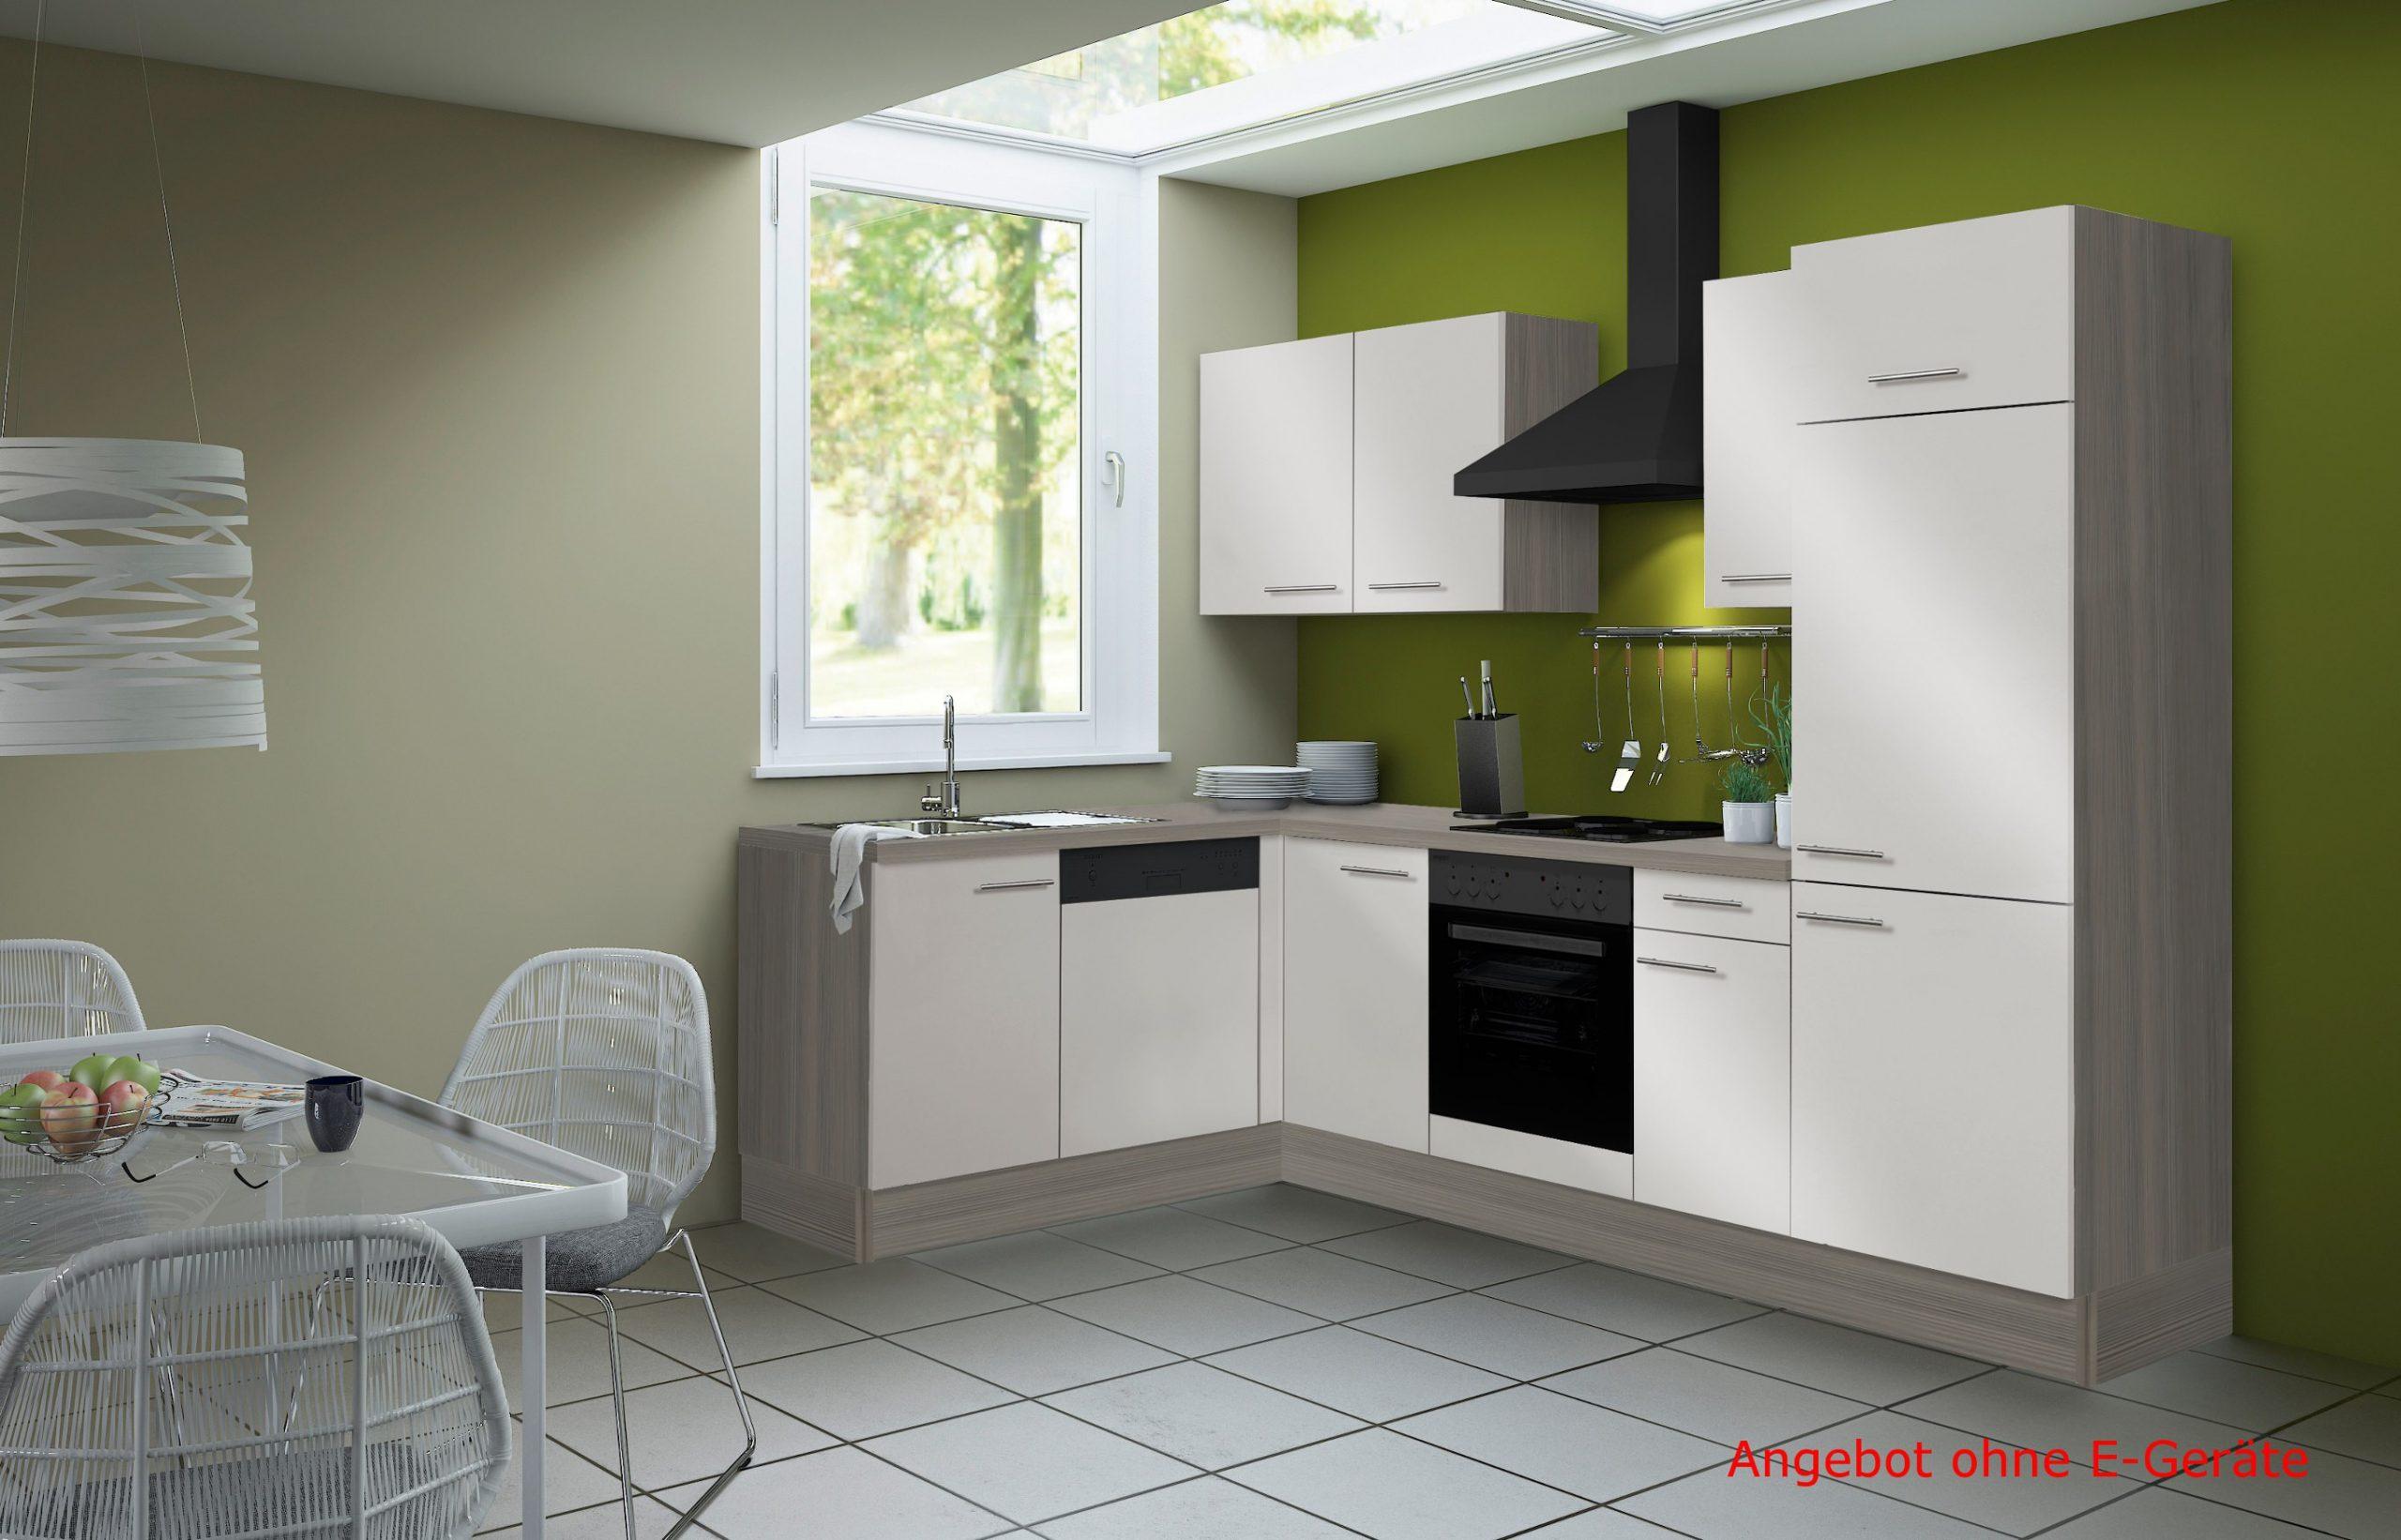 Full Size of Komplettküche Mit Geräten Günstig Komplettküche Kaufen Kleine Komplettküche Einbauküche Ohne Kühlschrank Kaufen Küche Einbauküche Ohne Kühlschrank